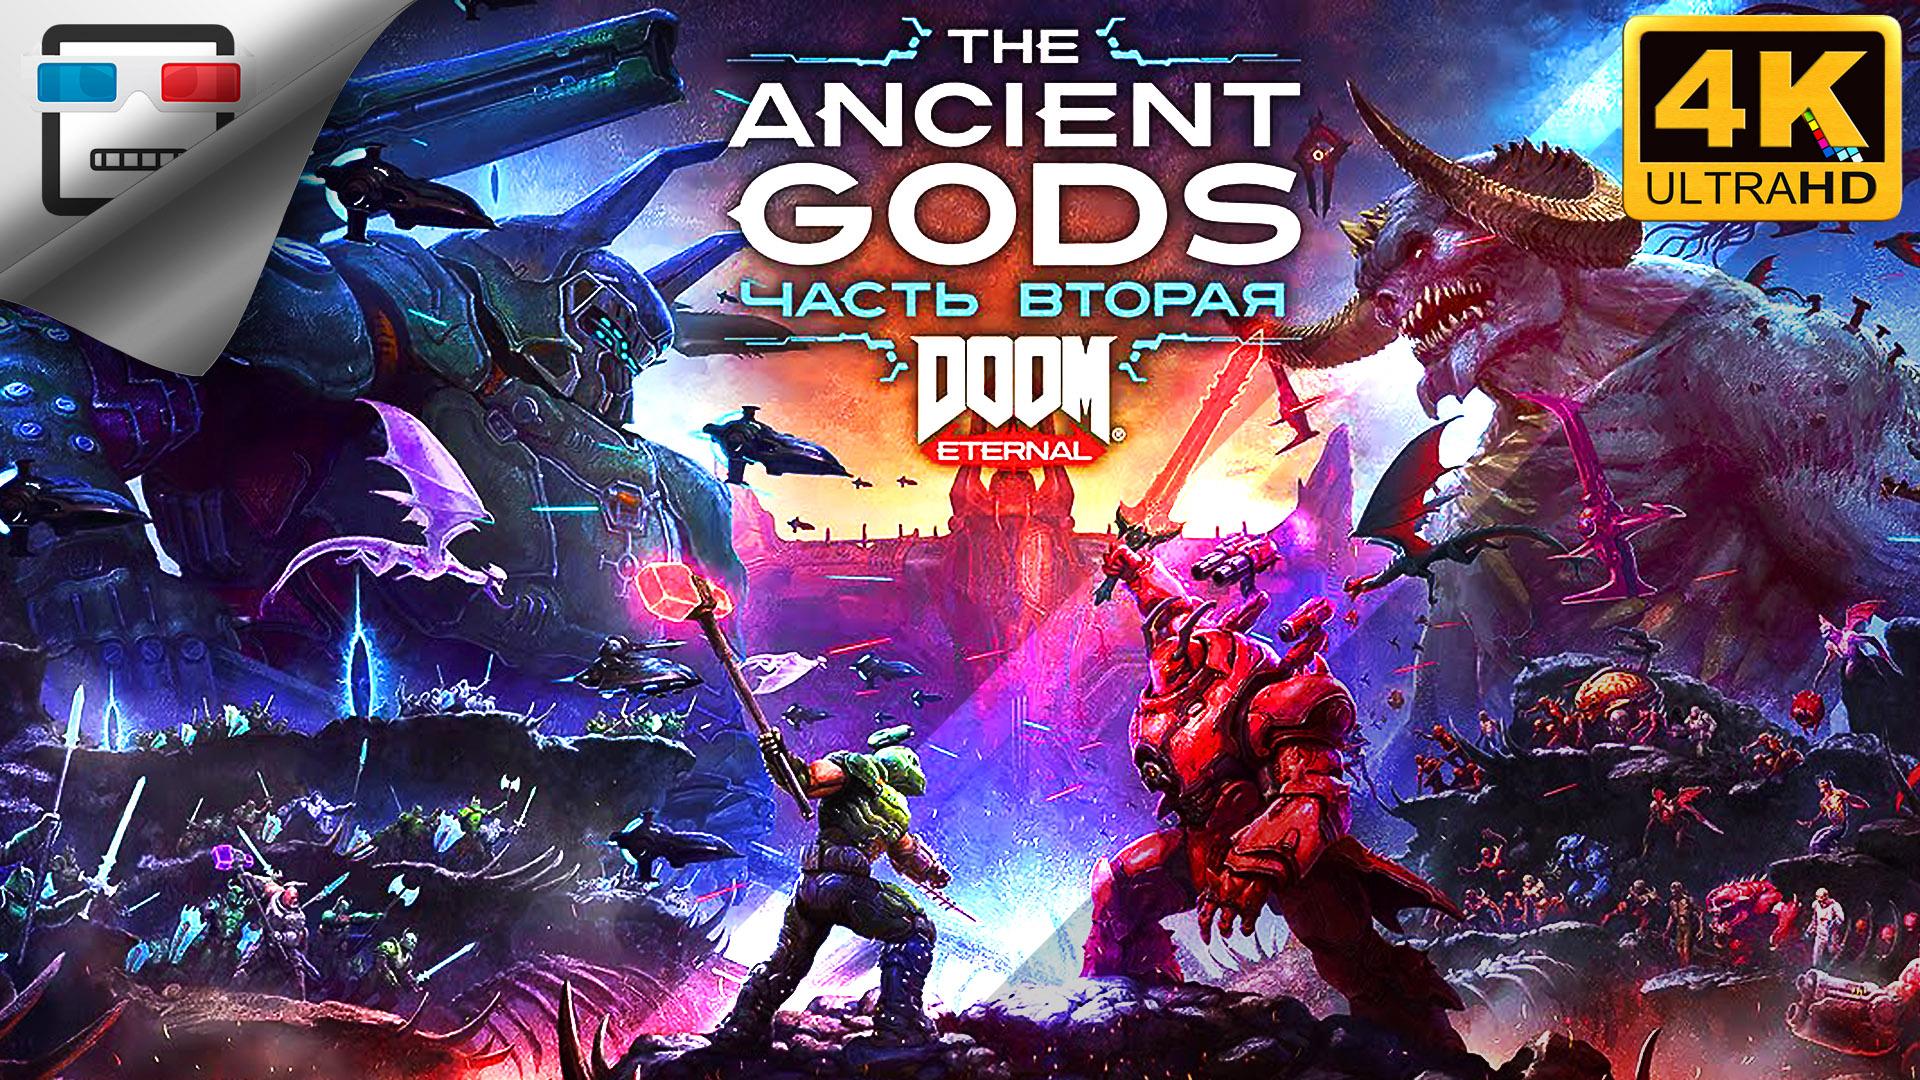 ДРЕВНИЕ БОГИ часть 2 18+ ИГРОФИЛЬМ DOOM ETERNAL THE ANCIENT GODS PART 2 4K60FPS Сюжет Ужасы